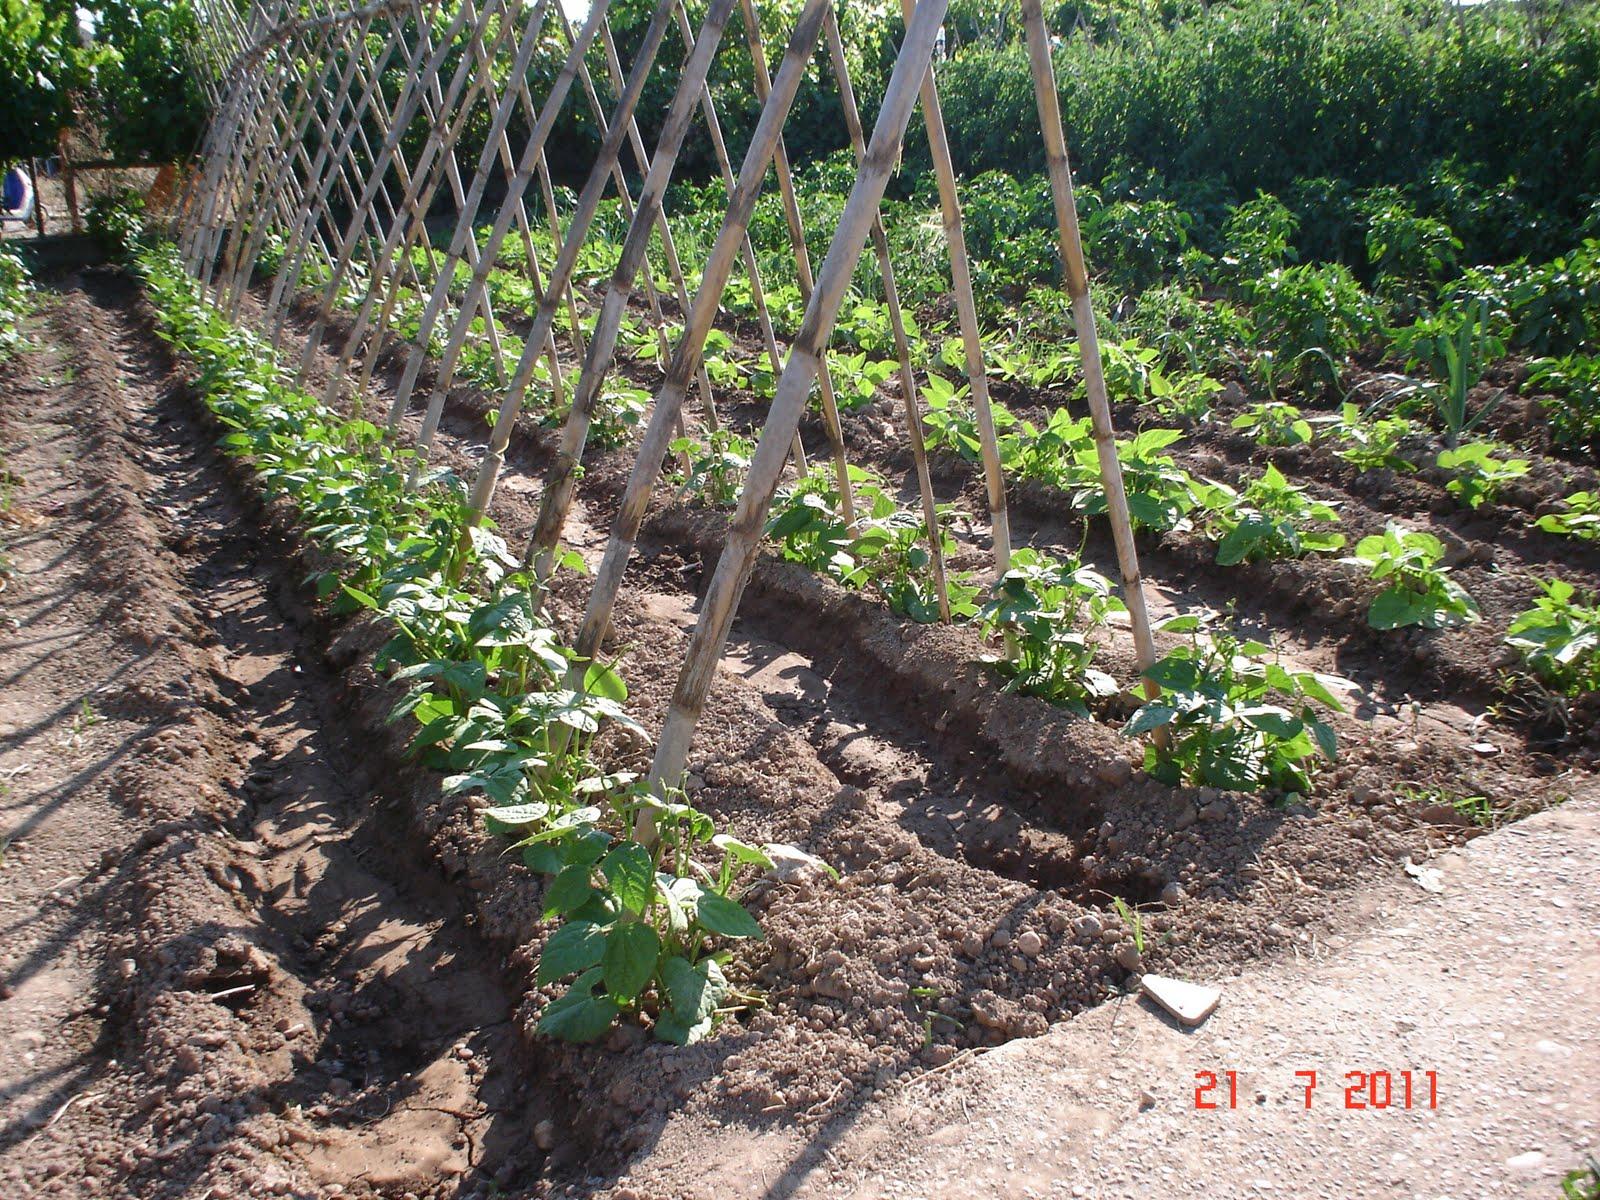 El huerto de balsas el huerto d a a d a - Cultivar judias verdes ...